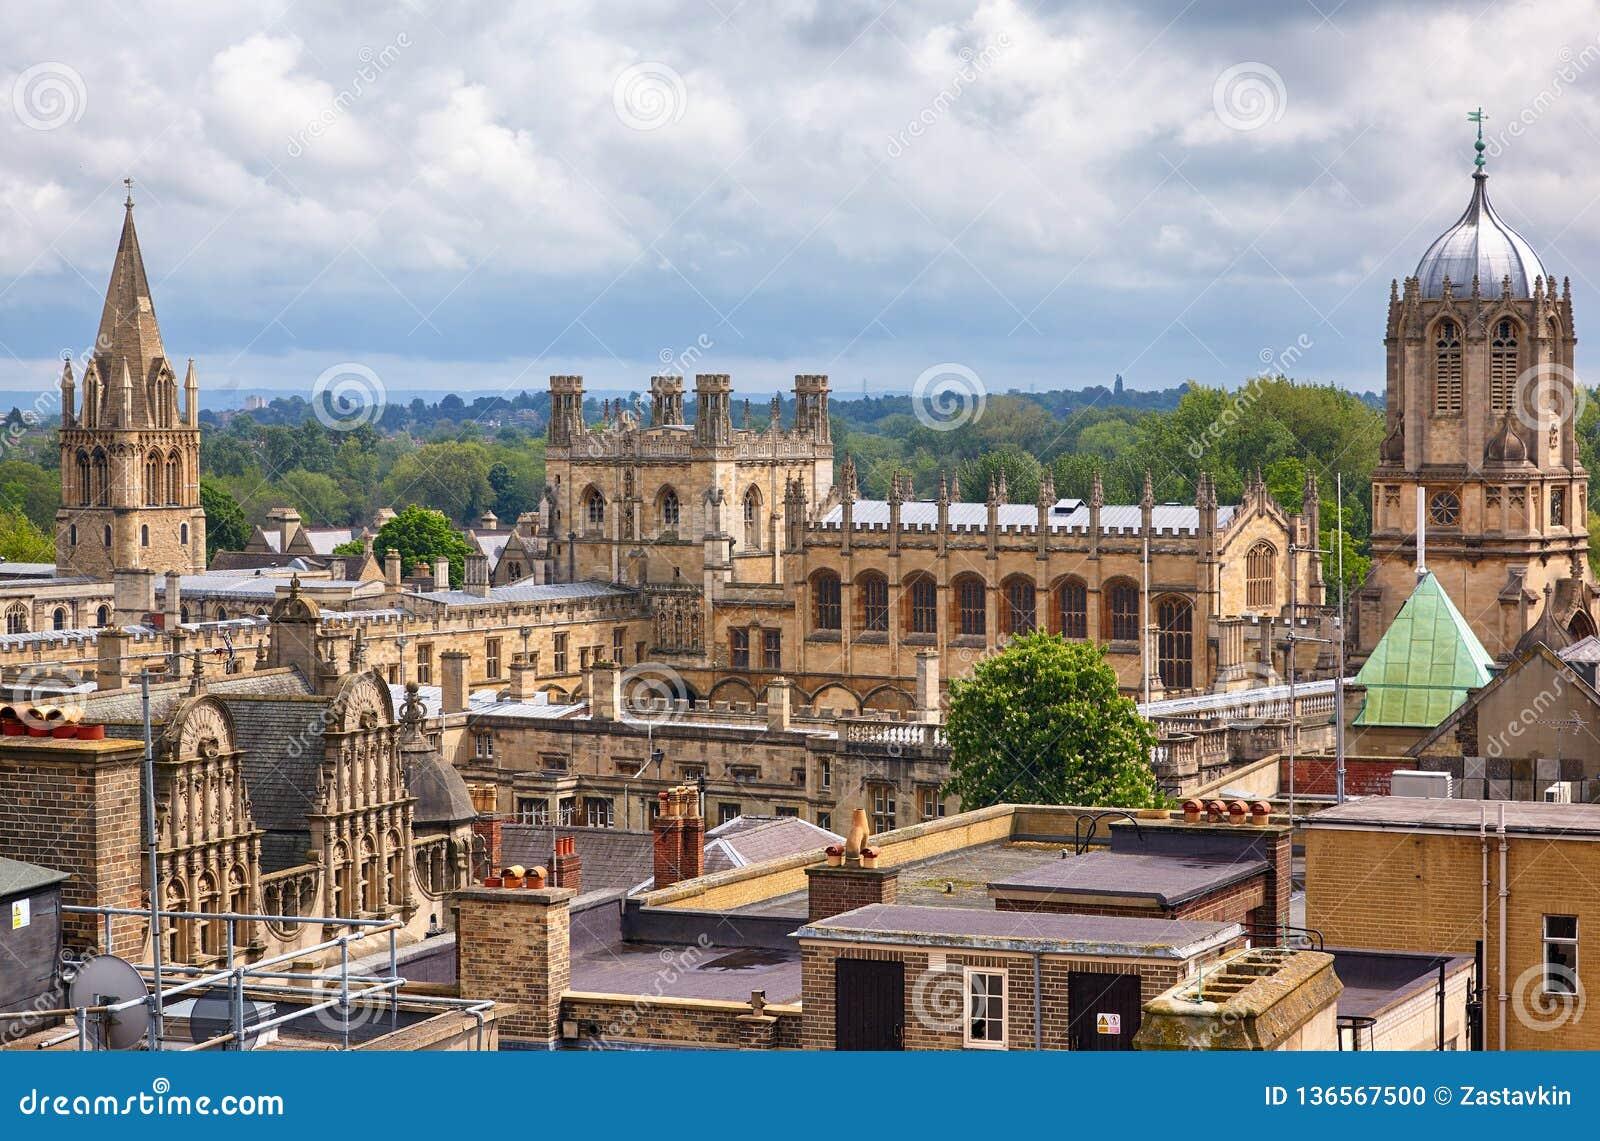 Iglesia de Cristo según lo visto desde arriba de la torre de Carfax Universidad de Oxford inglaterra